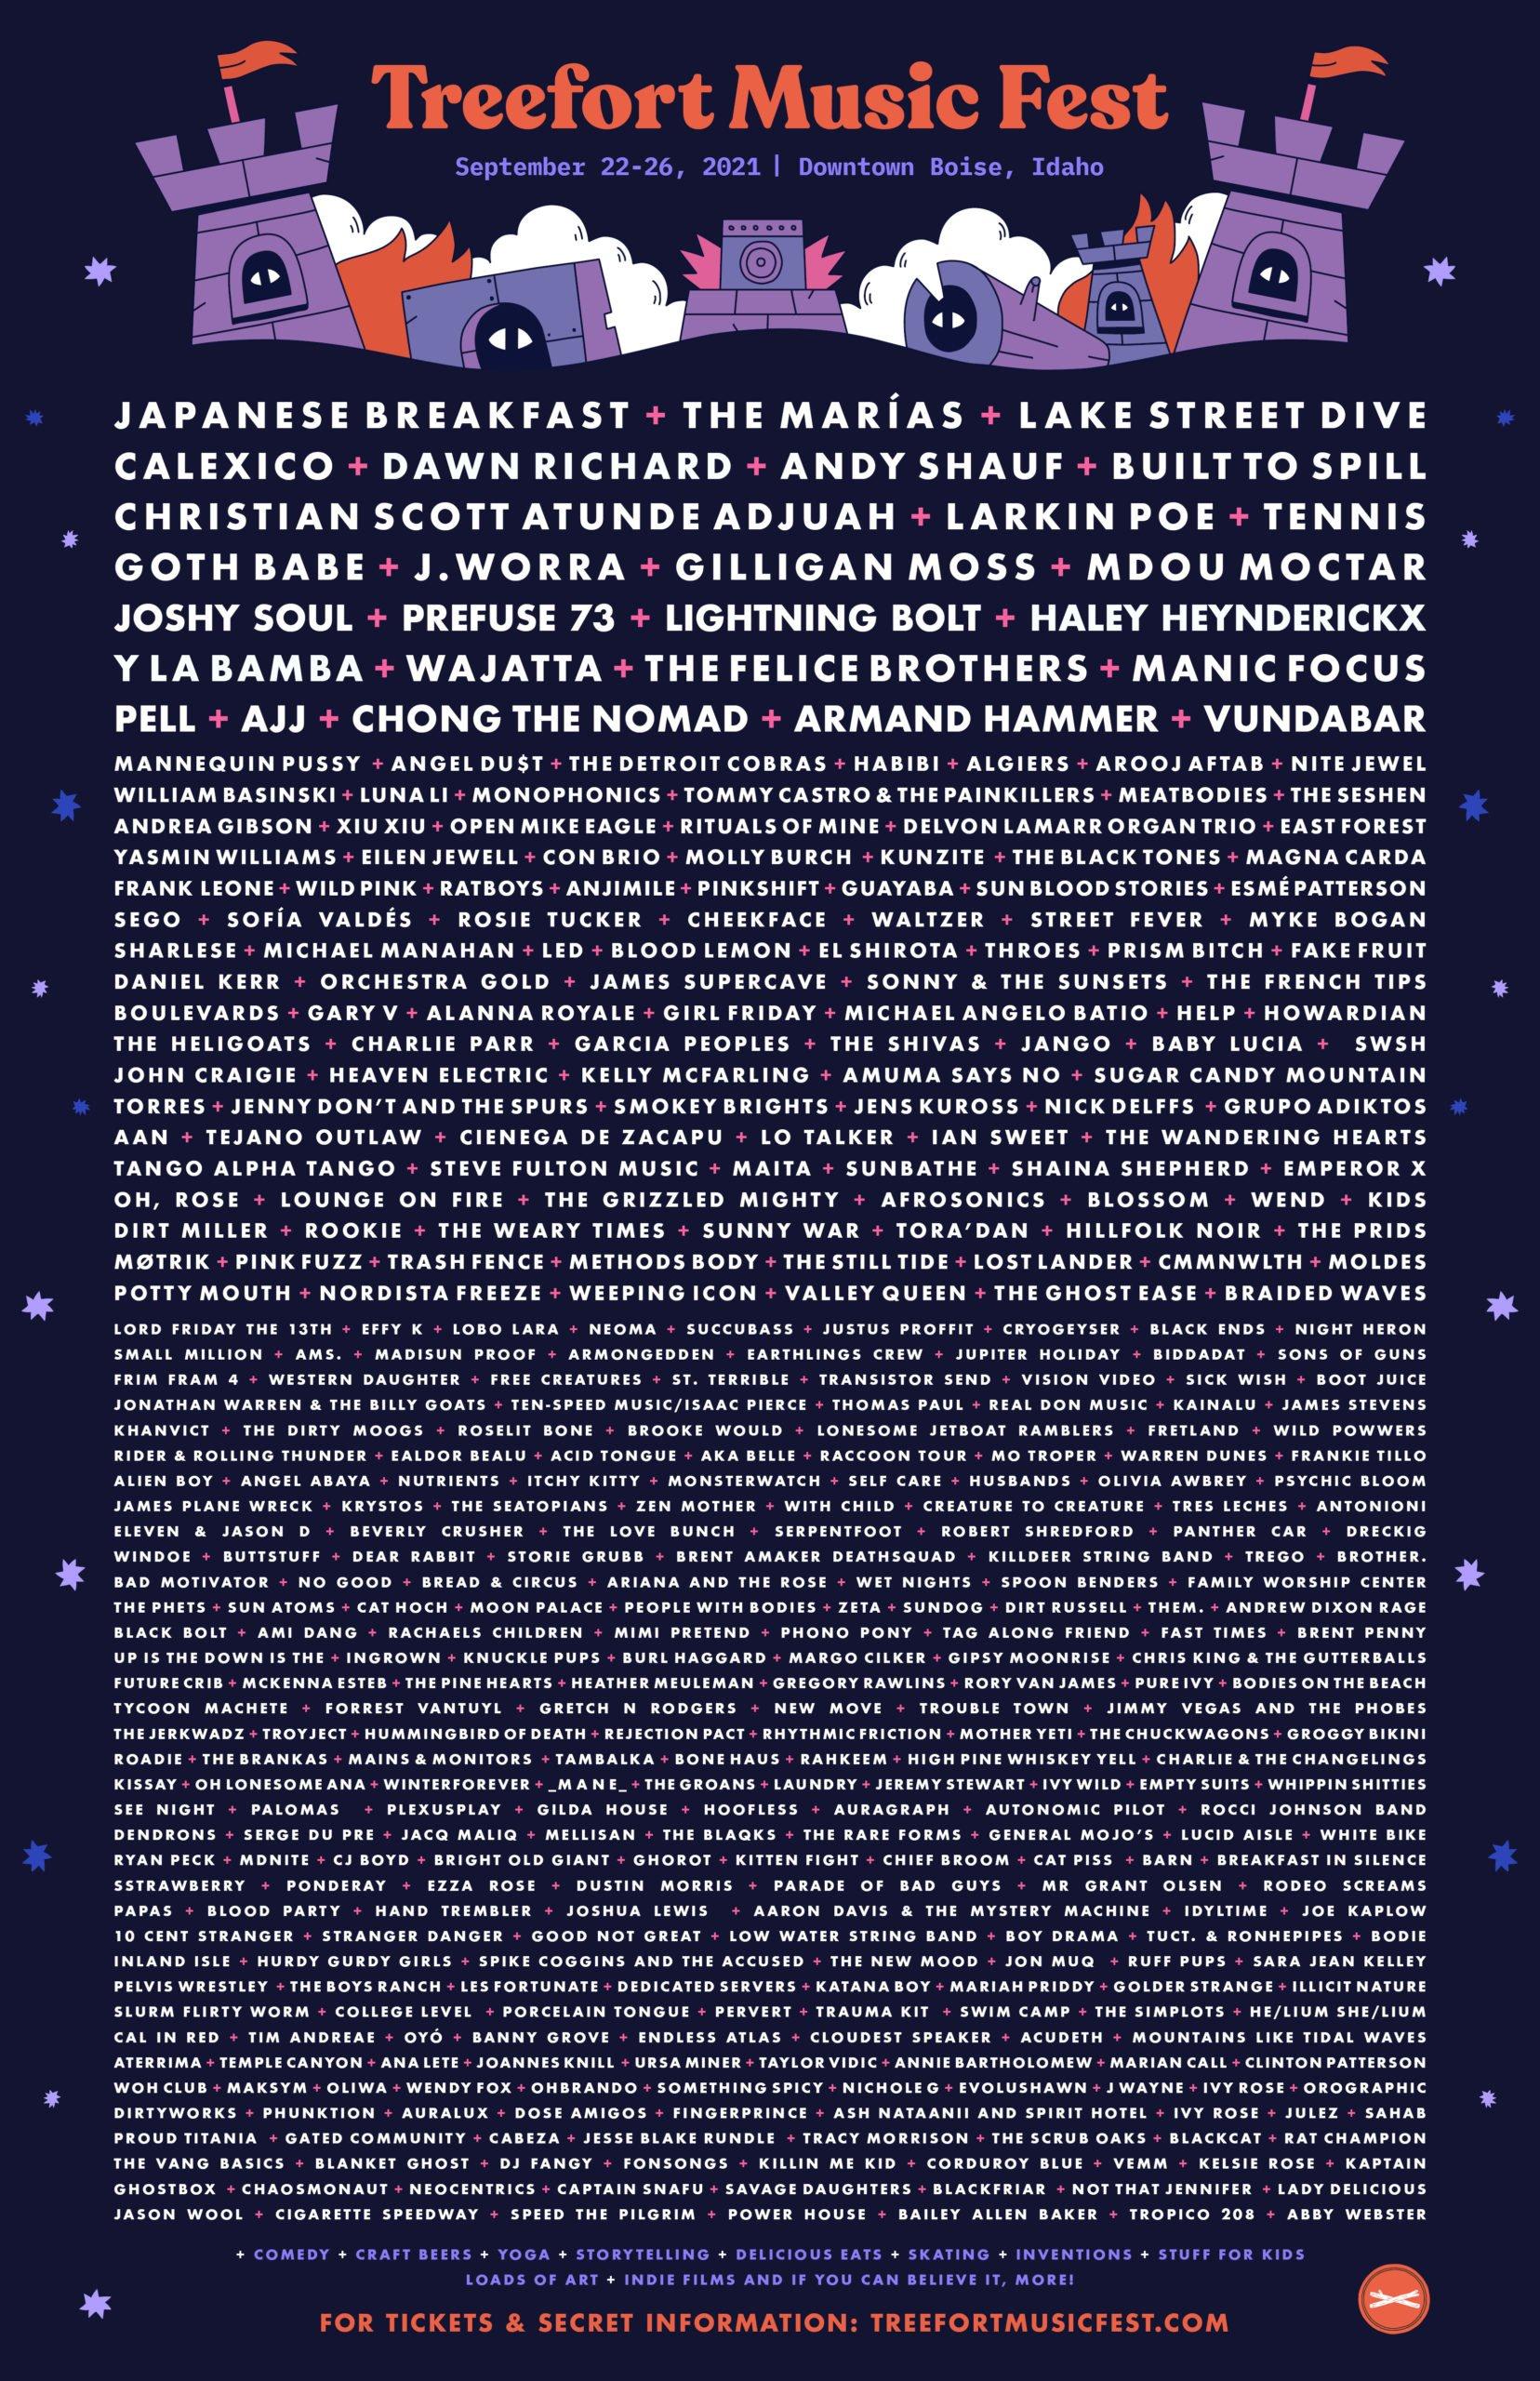 2021 Treefort Music Festival Poster September